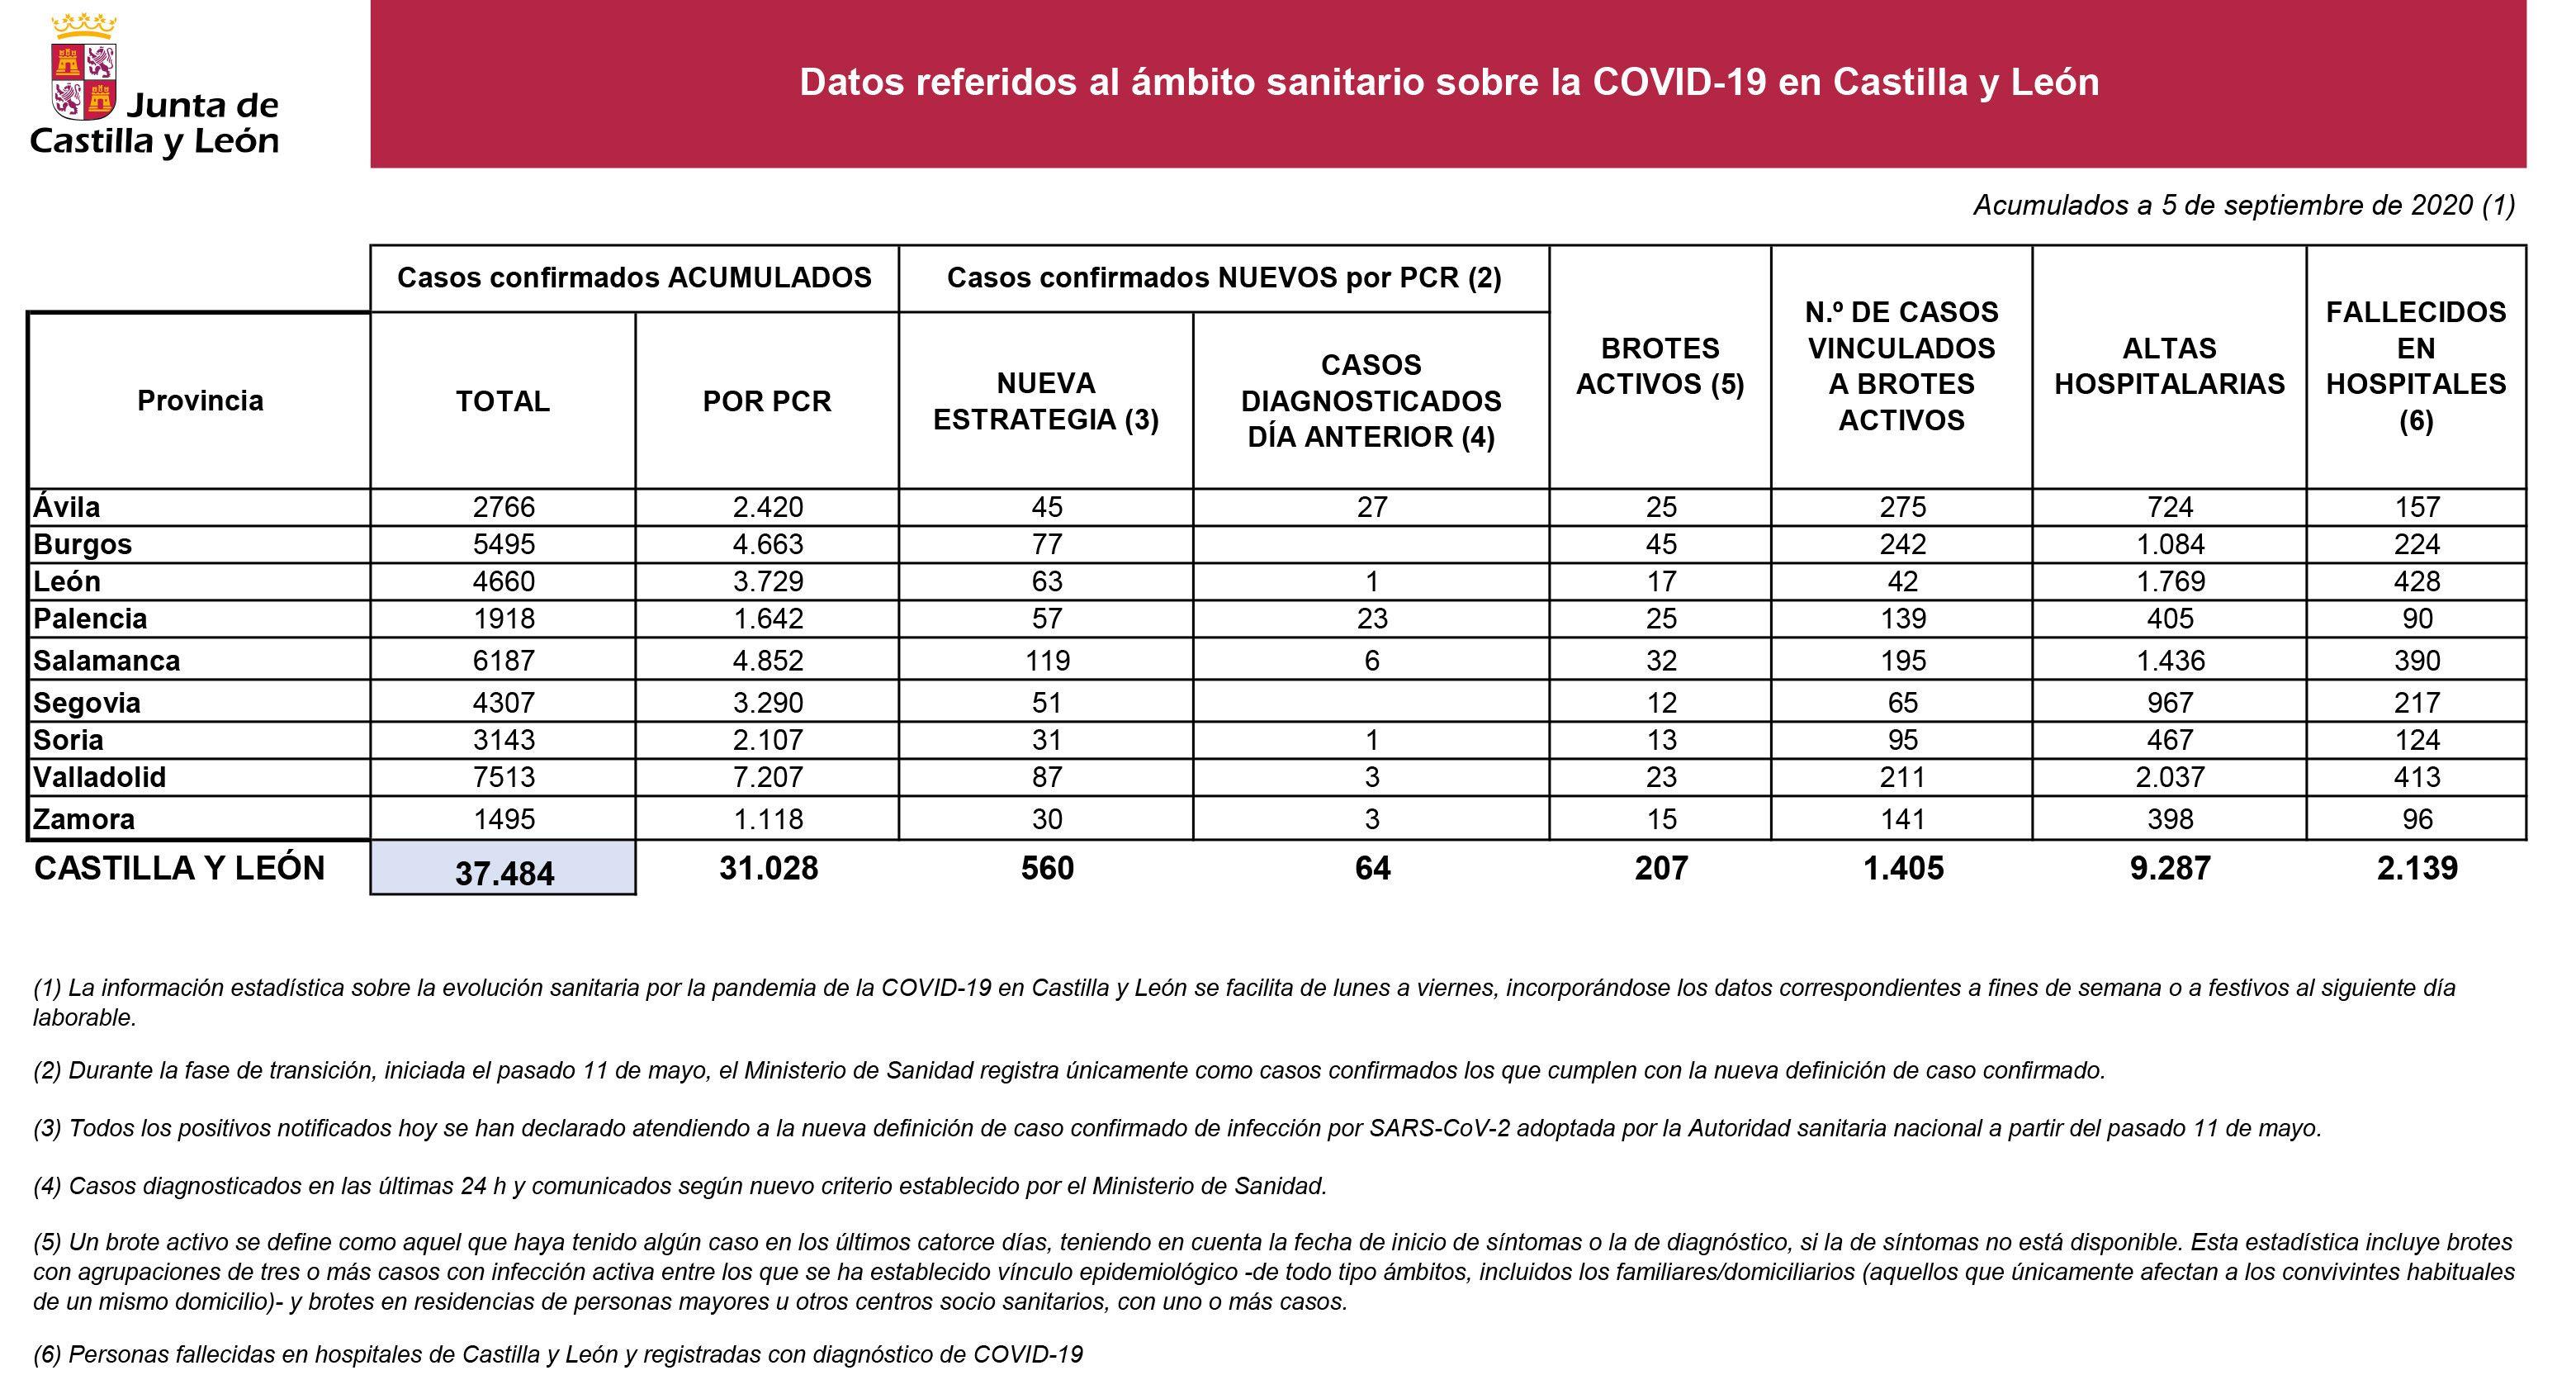 2020 09 05  Estadu00edstica COVID 19 Situaciu00f3n 5 septiembre